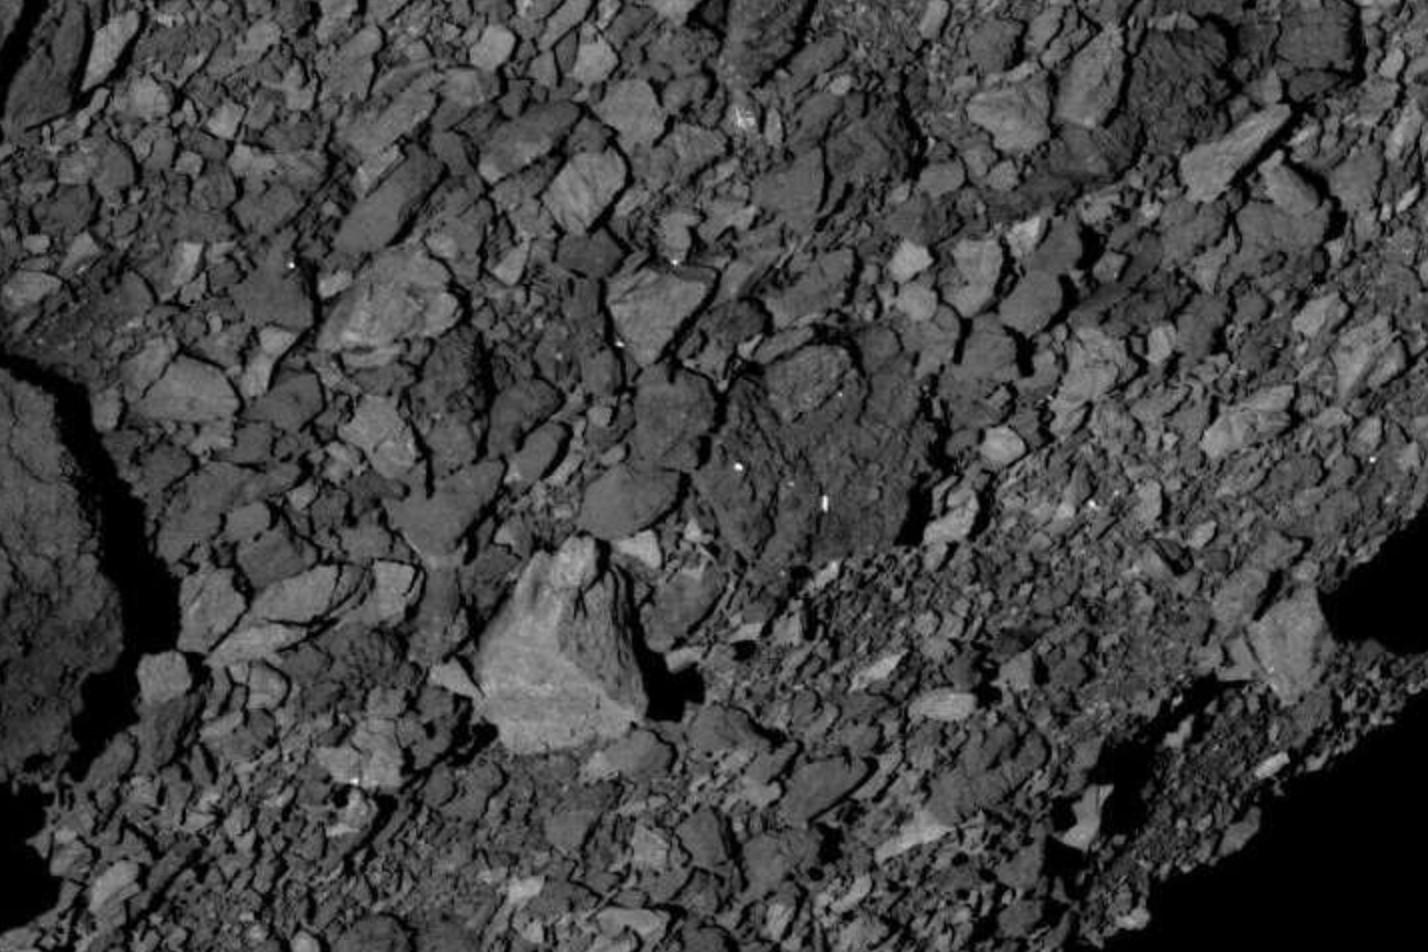 Cientistas repararam que o solo do asteroide Bennu é extremamente irregular (Foto: NASA/Goddard/University of Arizona/Lockheed Martin)